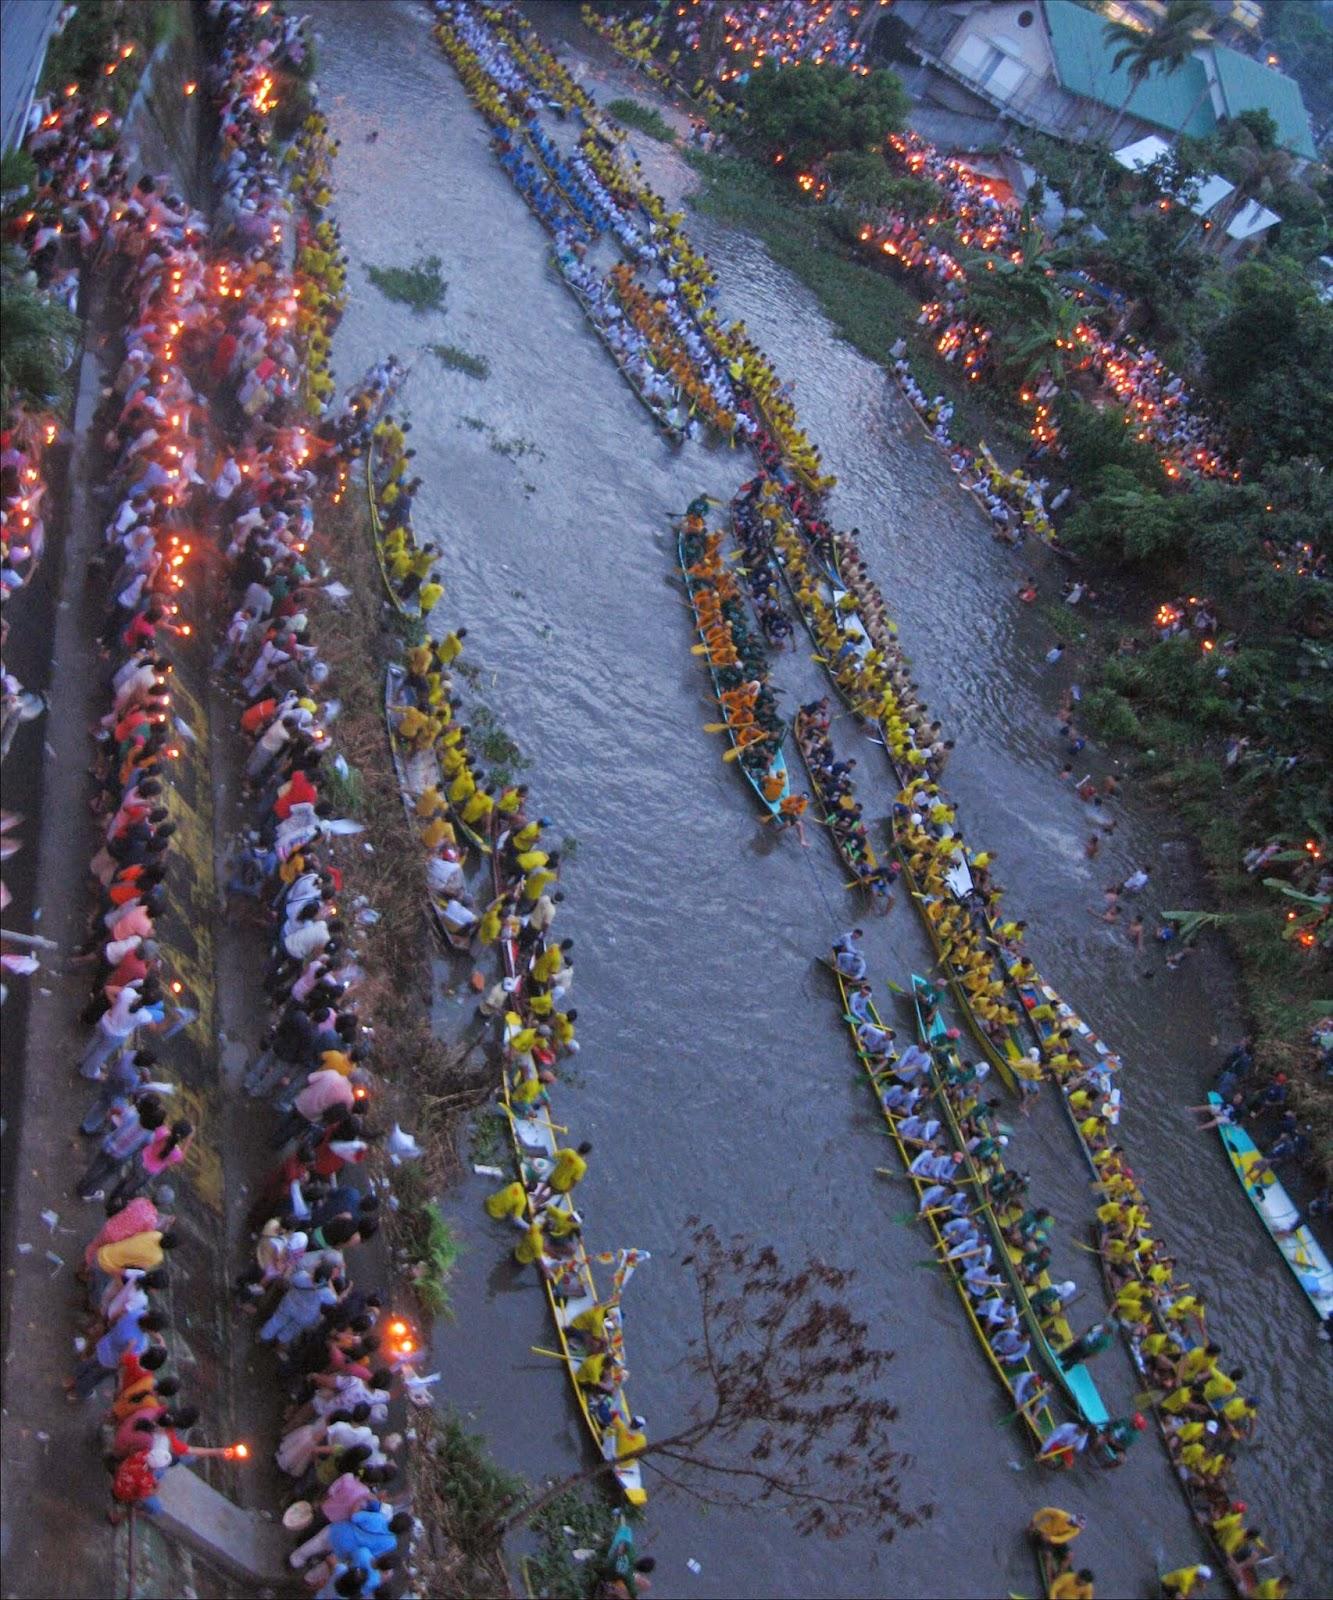 http://1.bp.blogspot.com/-0UaEaVu1_Xc/VC9S-Ti2liI/AAAAAAAAp64/Ef77c3cRHj4/s1600/fluvial4.jpg